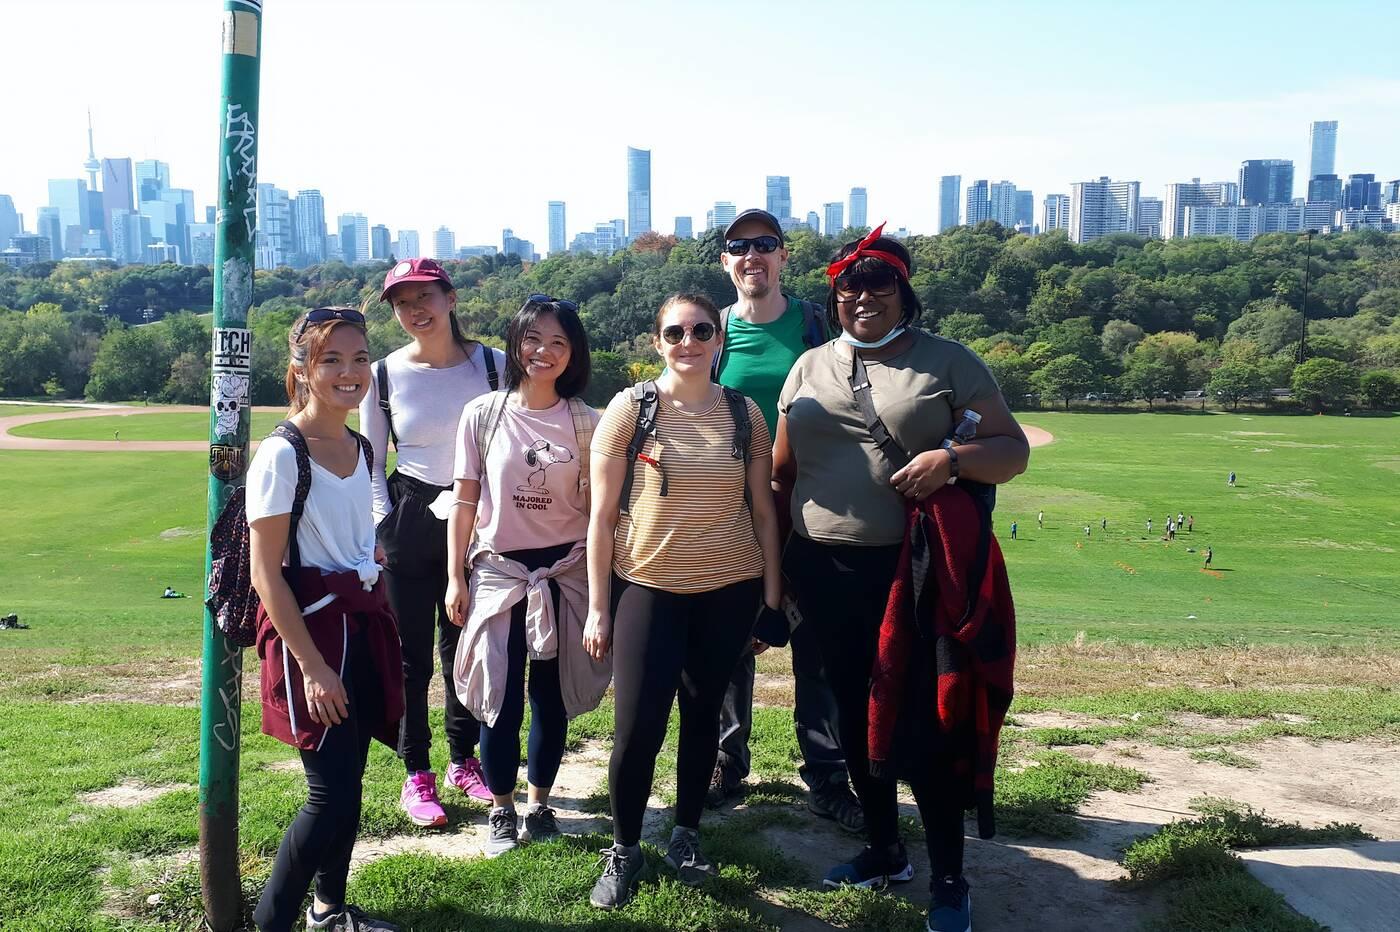 black hiking groups